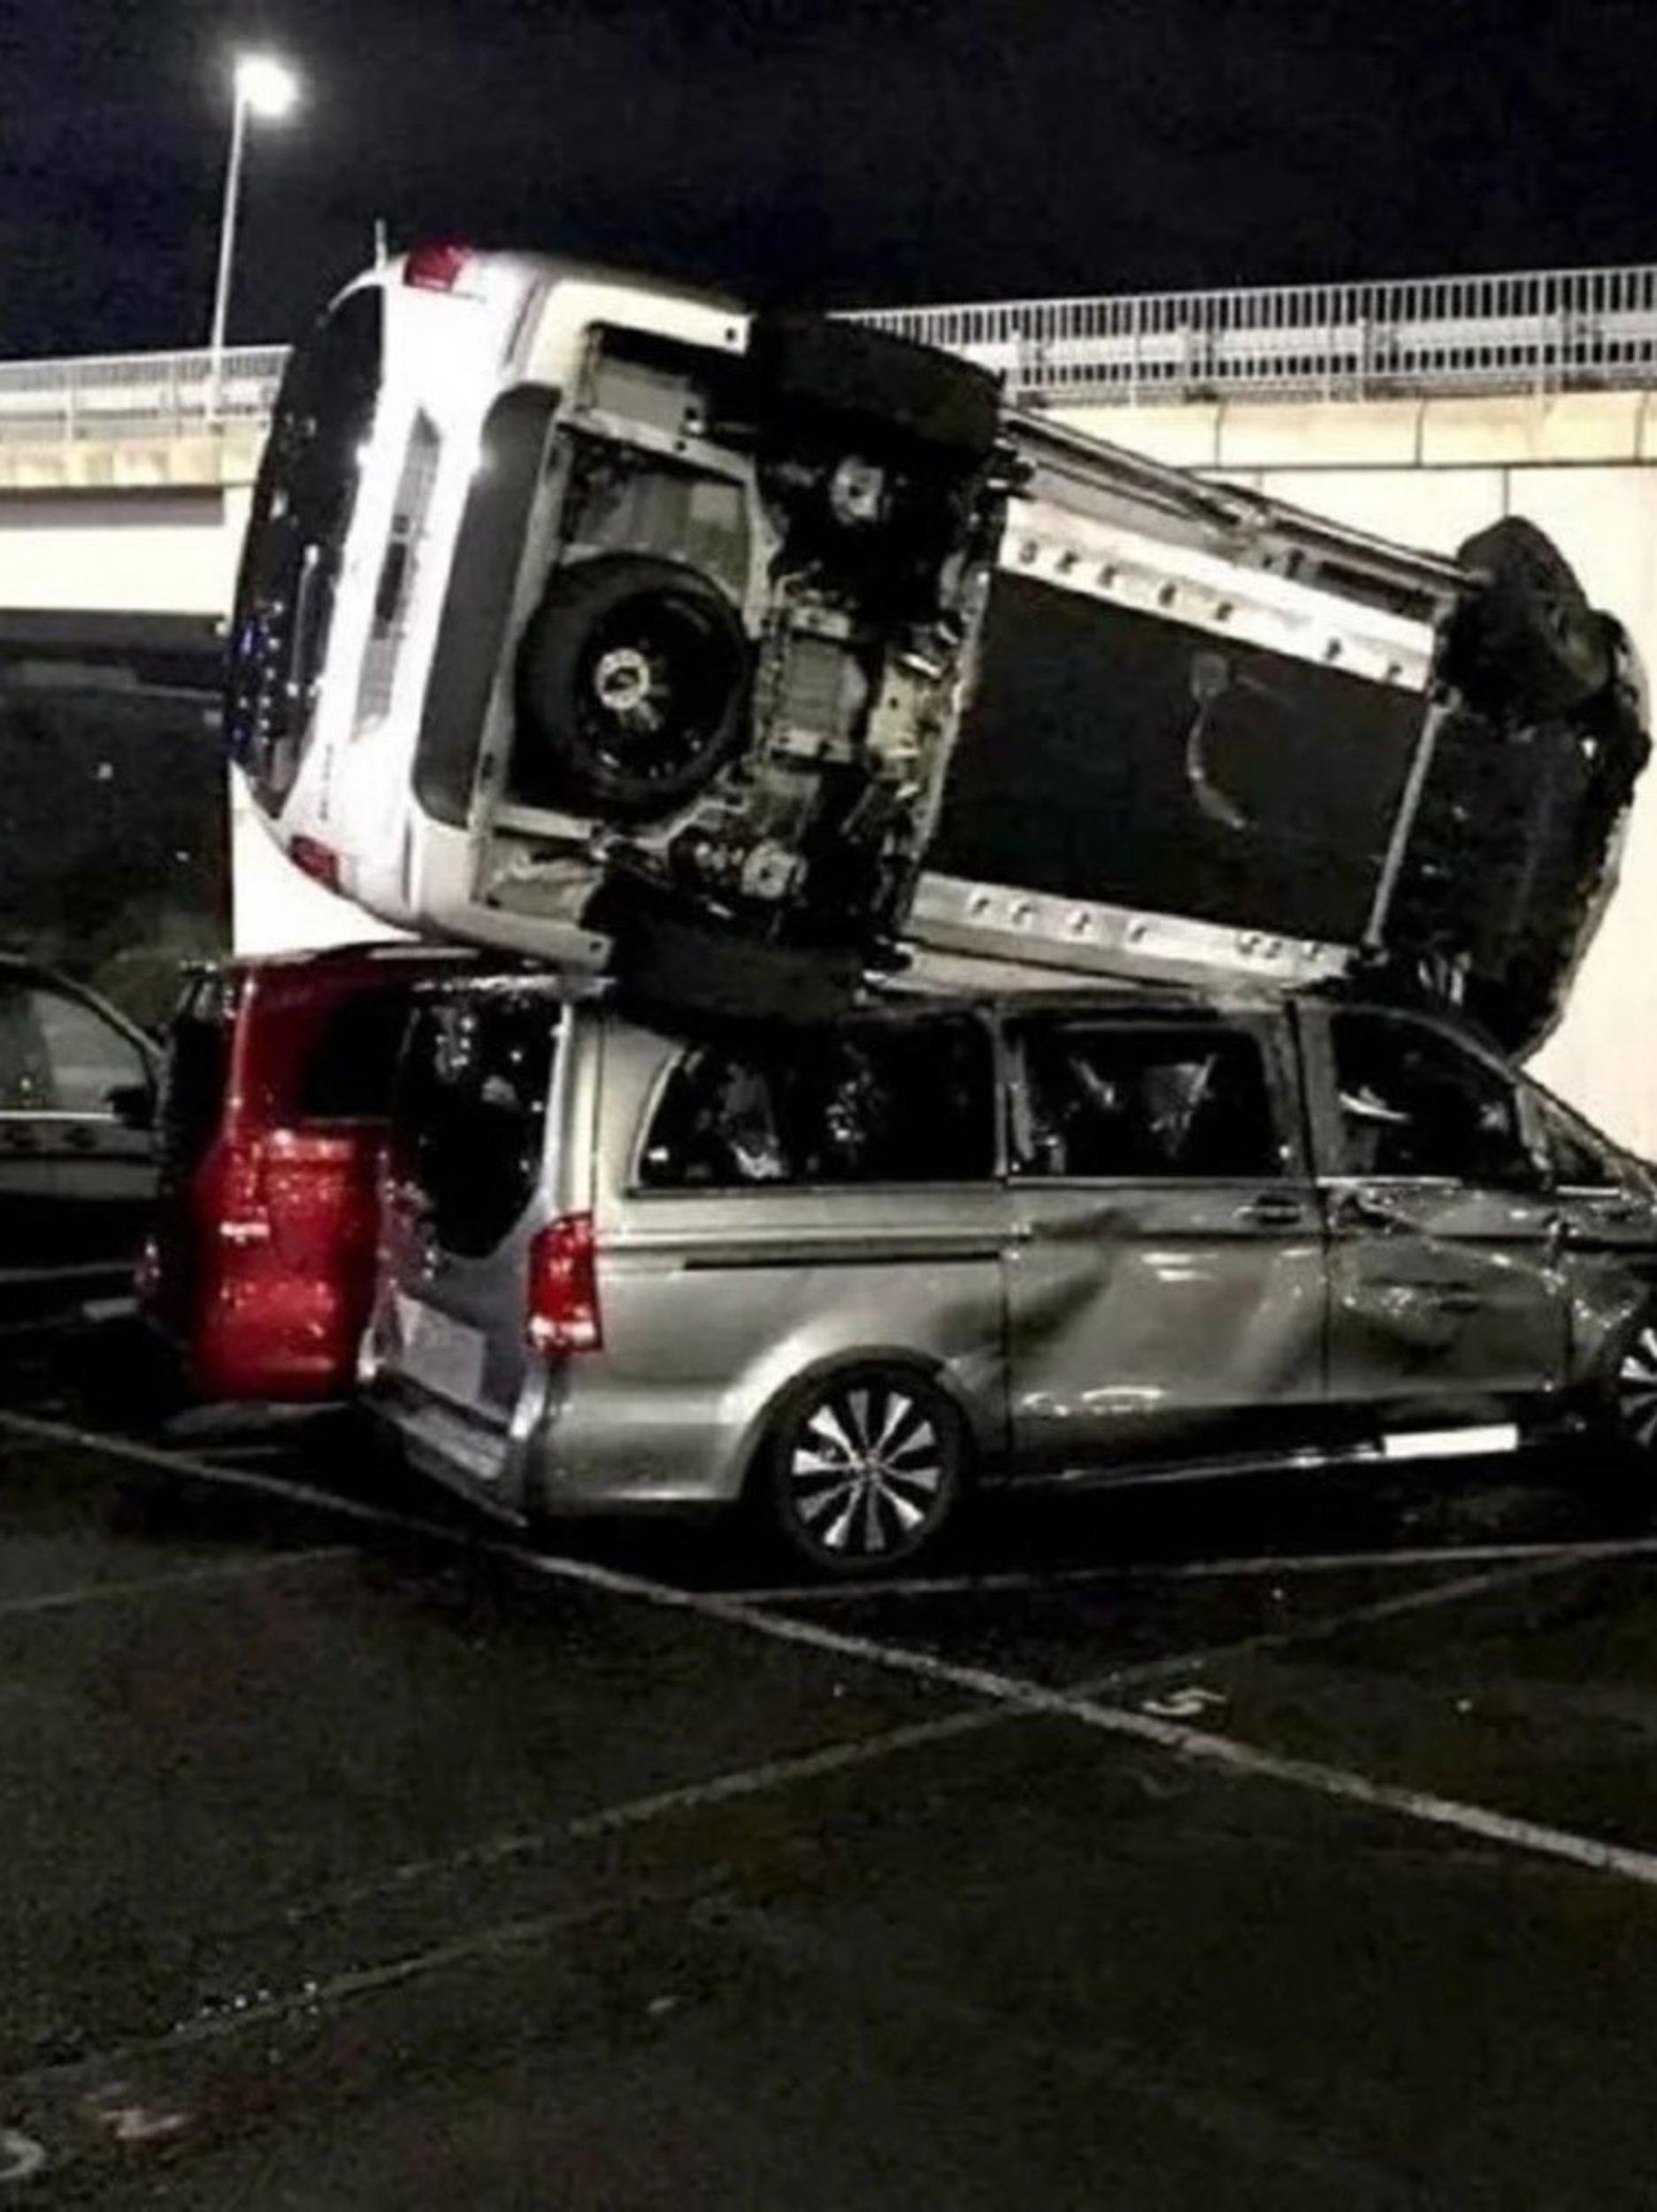 Com retroescavadeira, ex-funcionário destrói 50 vans em pátio da Mercedes